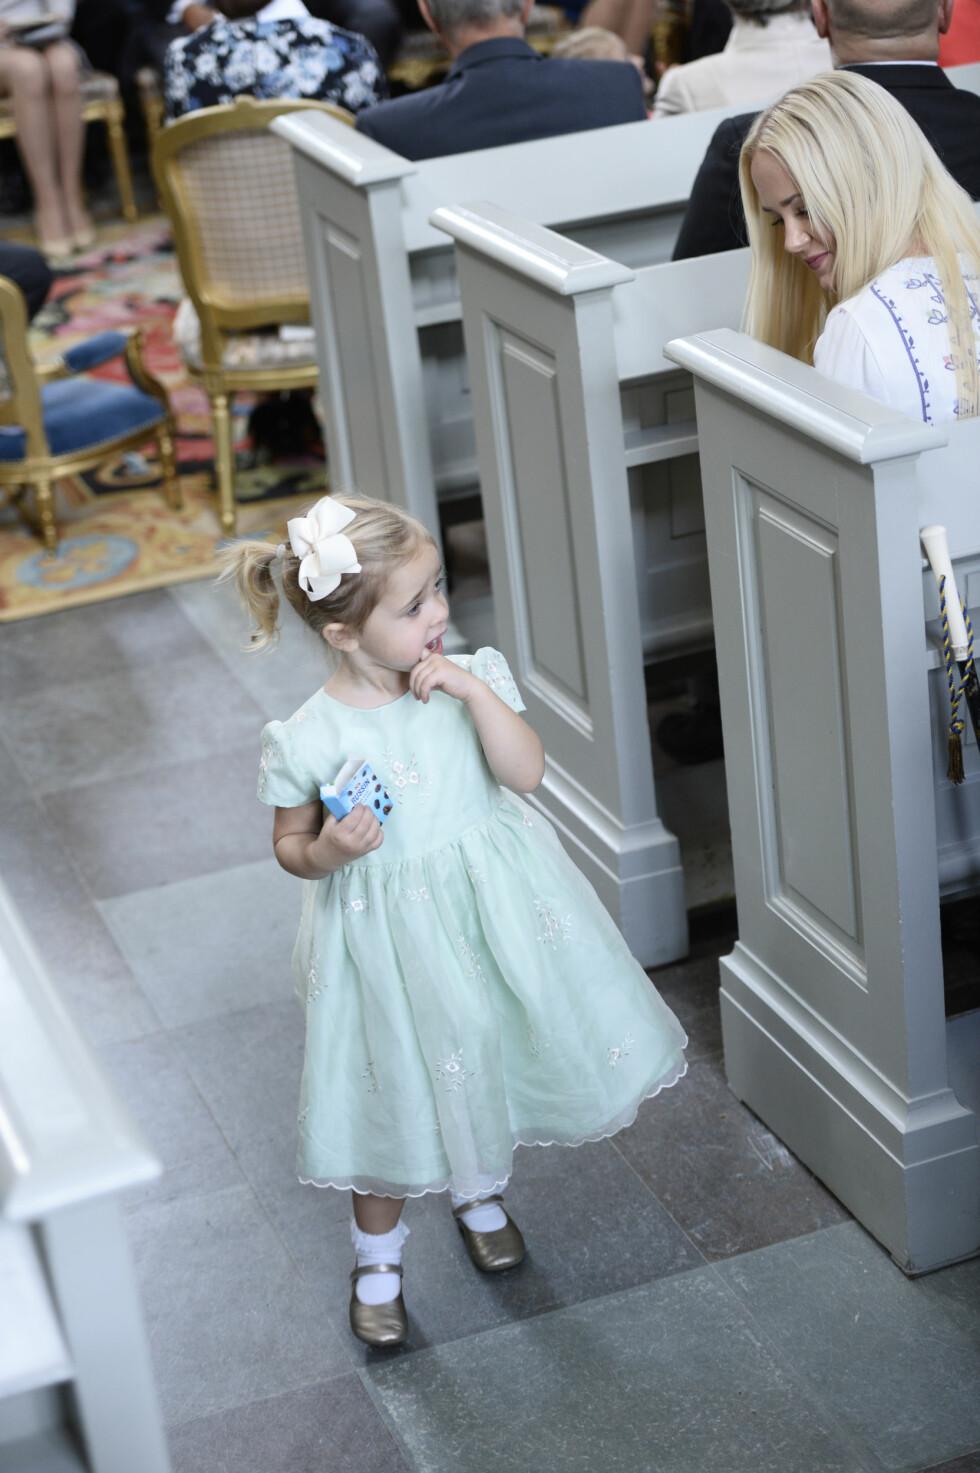 SØTNOS: Prinsesse Leonore (4) ble litt utålmodig under seremonien, og tok seg en liten spasertur rundt i Drottningholms slottskyrka for å hilse på gjestene. Foto: NTB Scanpix